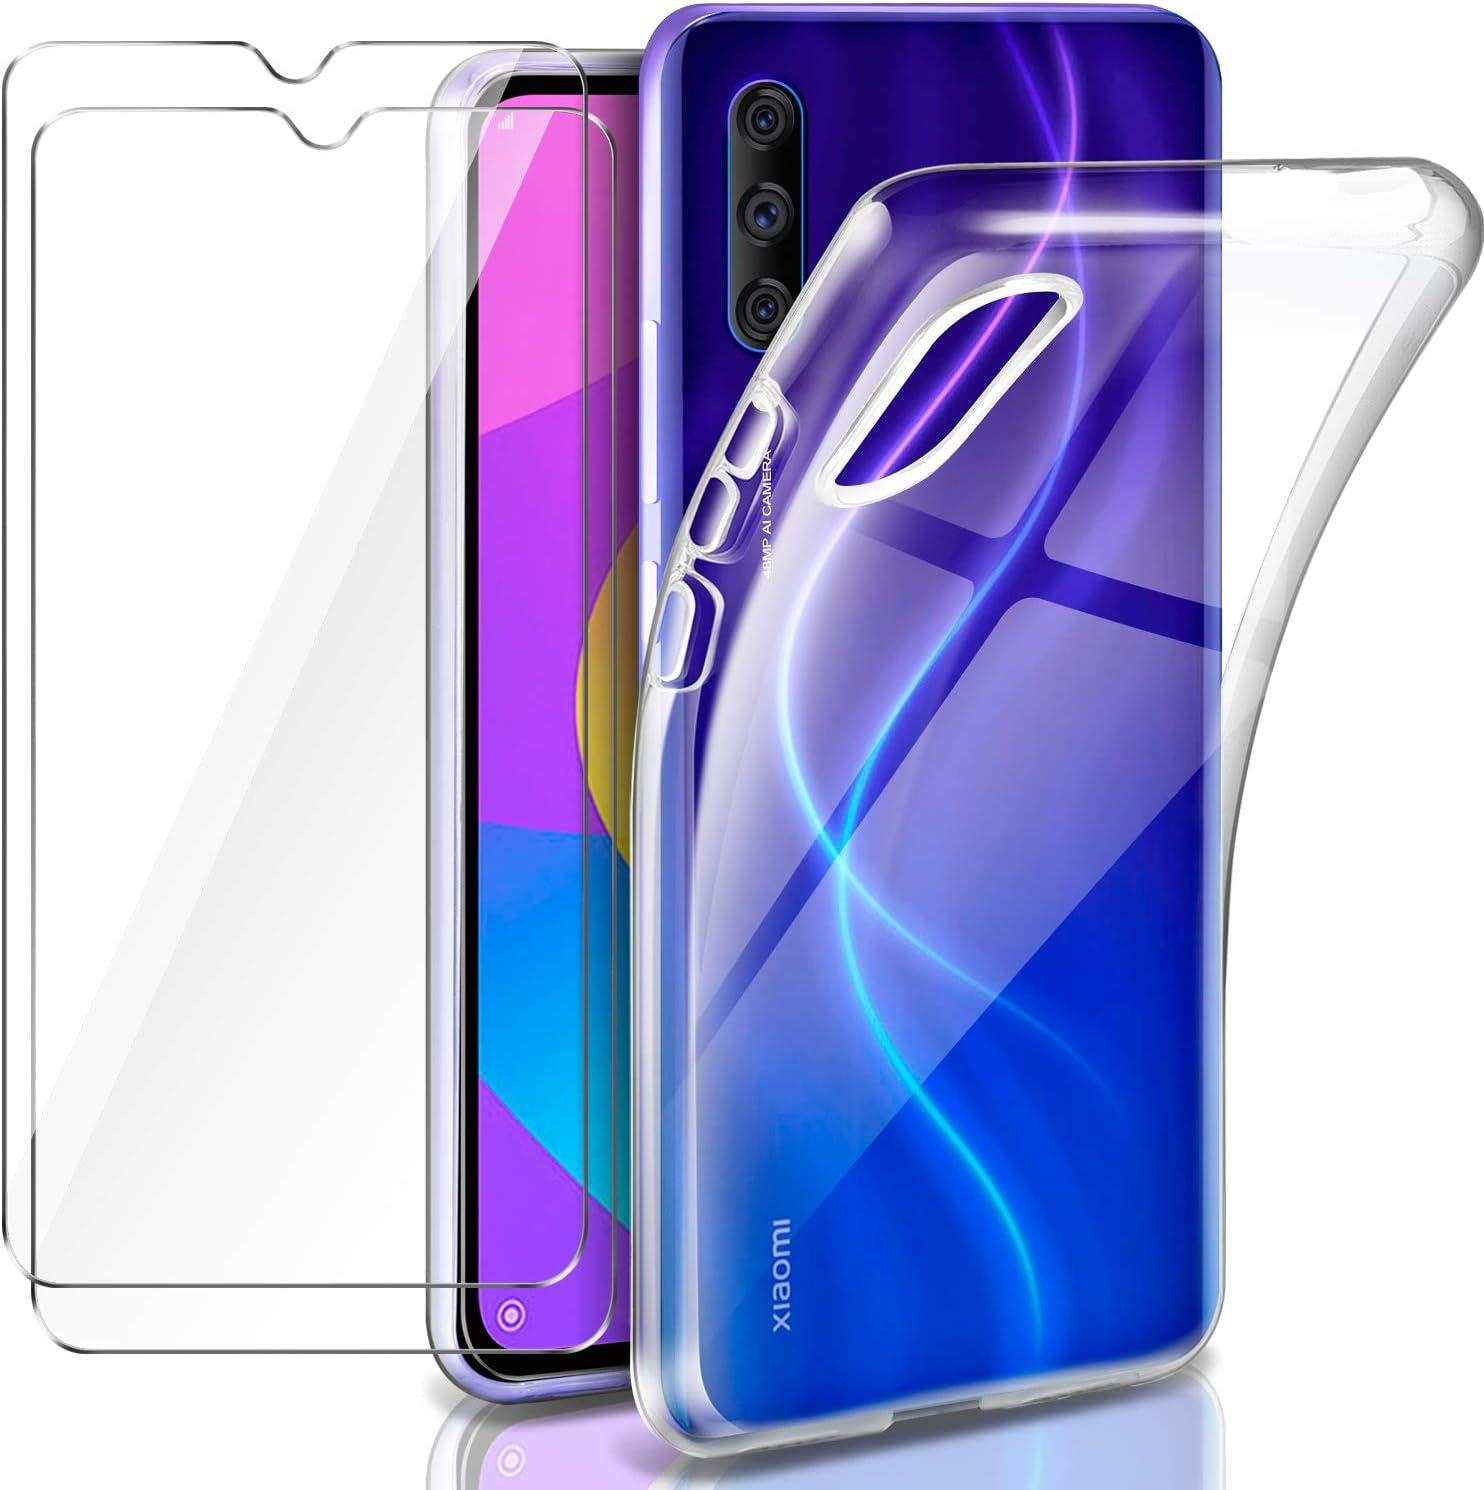 Leathlux Funda Xiaomi Mi 9 Lite + 2 x Protector de Pantalla Xiaomi Mi 9 Lite, Transparente TPU Silicona Funda + Cristal Vidrio Templado Protector de Pantalla y Caso Xiaomi Mi 9 Lite: Amazon.es: Electrónica